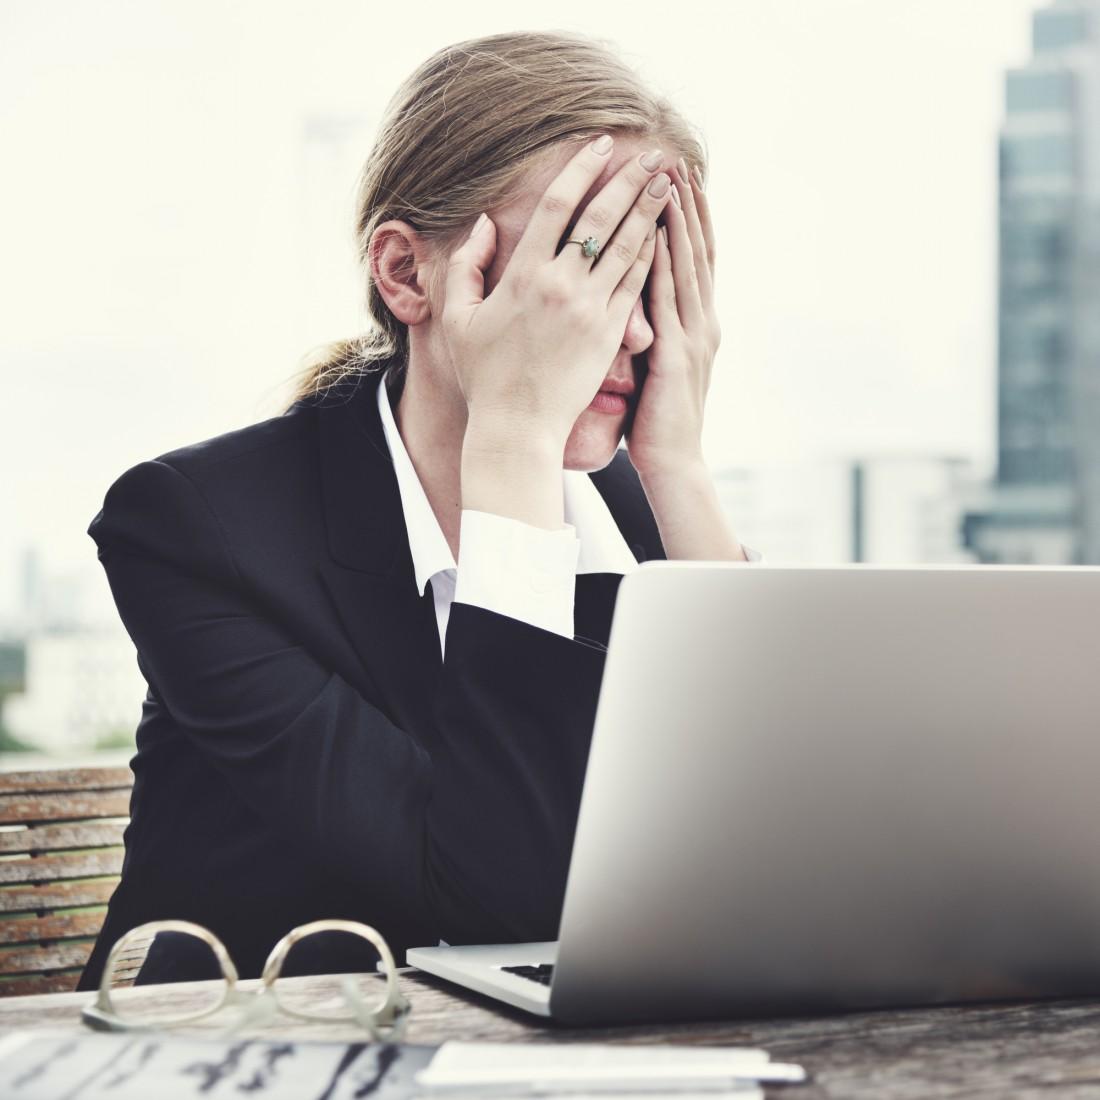 Если ты почувствовала сильнейшую головную боль, вызывай скорую помощь